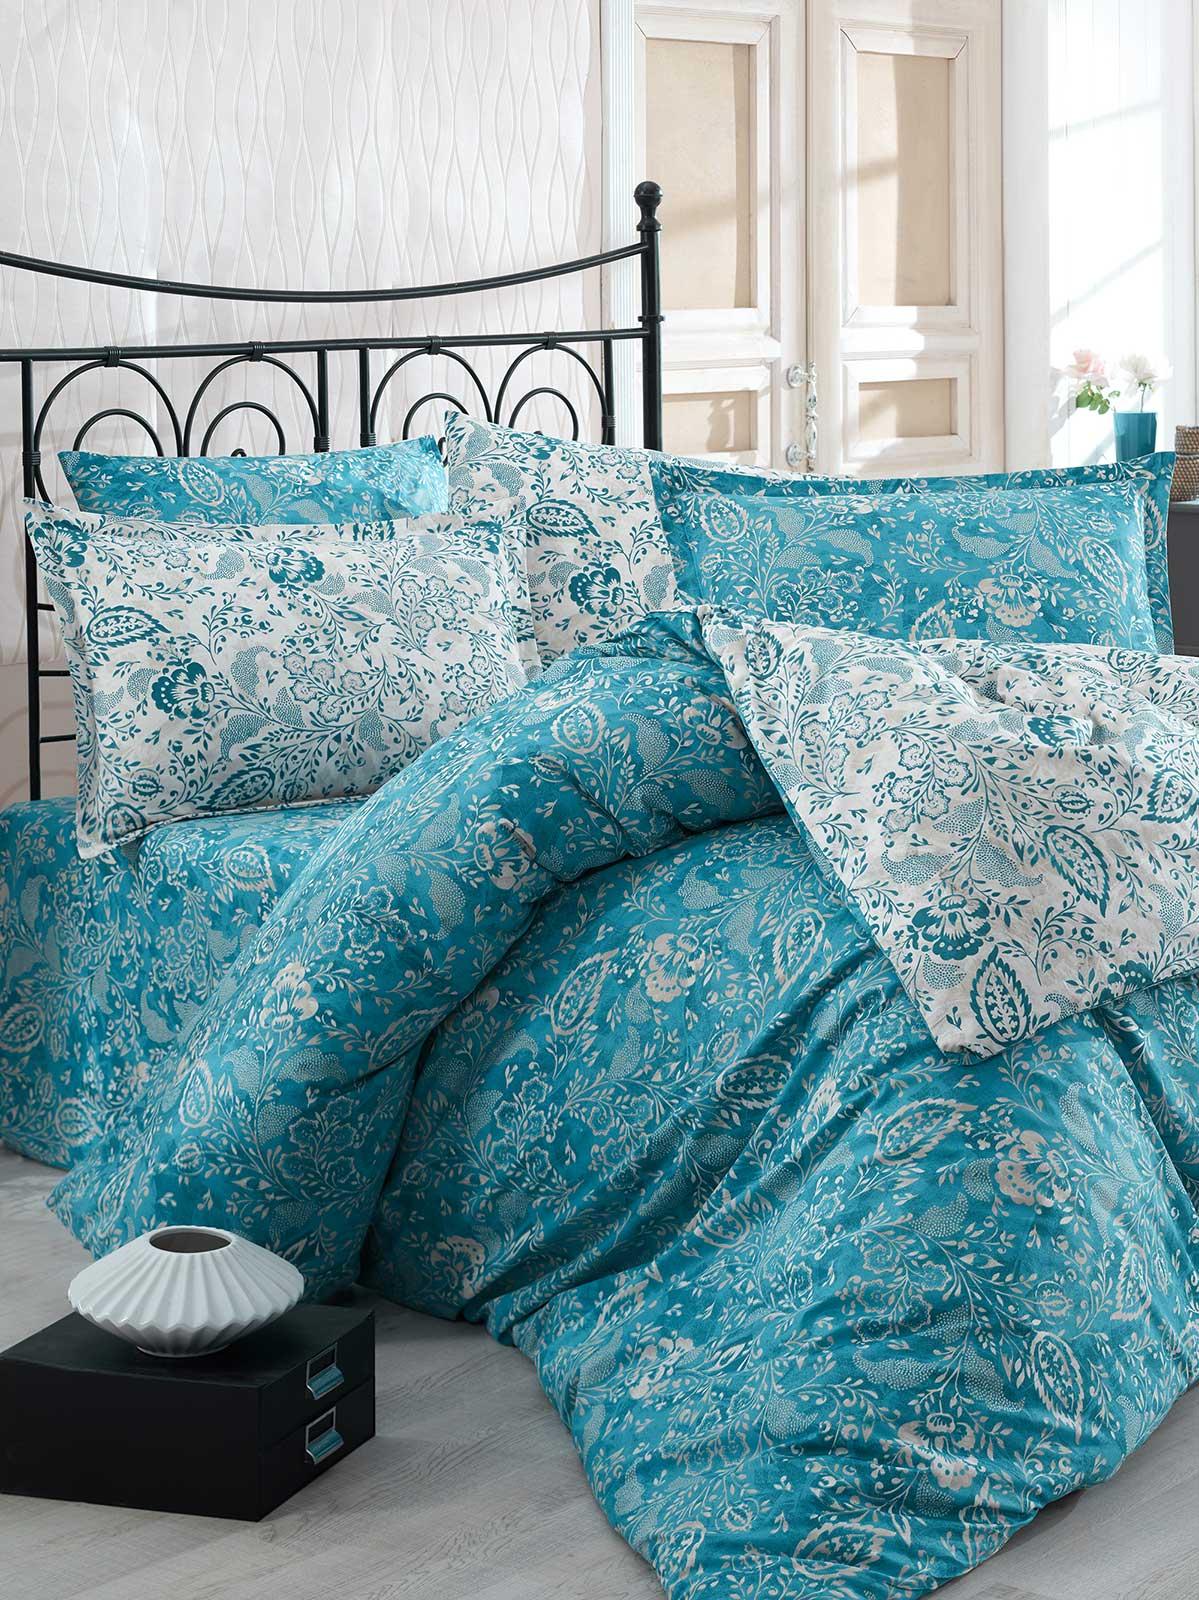 6 tlg bettw sche bettgarnitur bettbezug 100 baumwolle kissen 220x240 cm yprk bl ebay. Black Bedroom Furniture Sets. Home Design Ideas